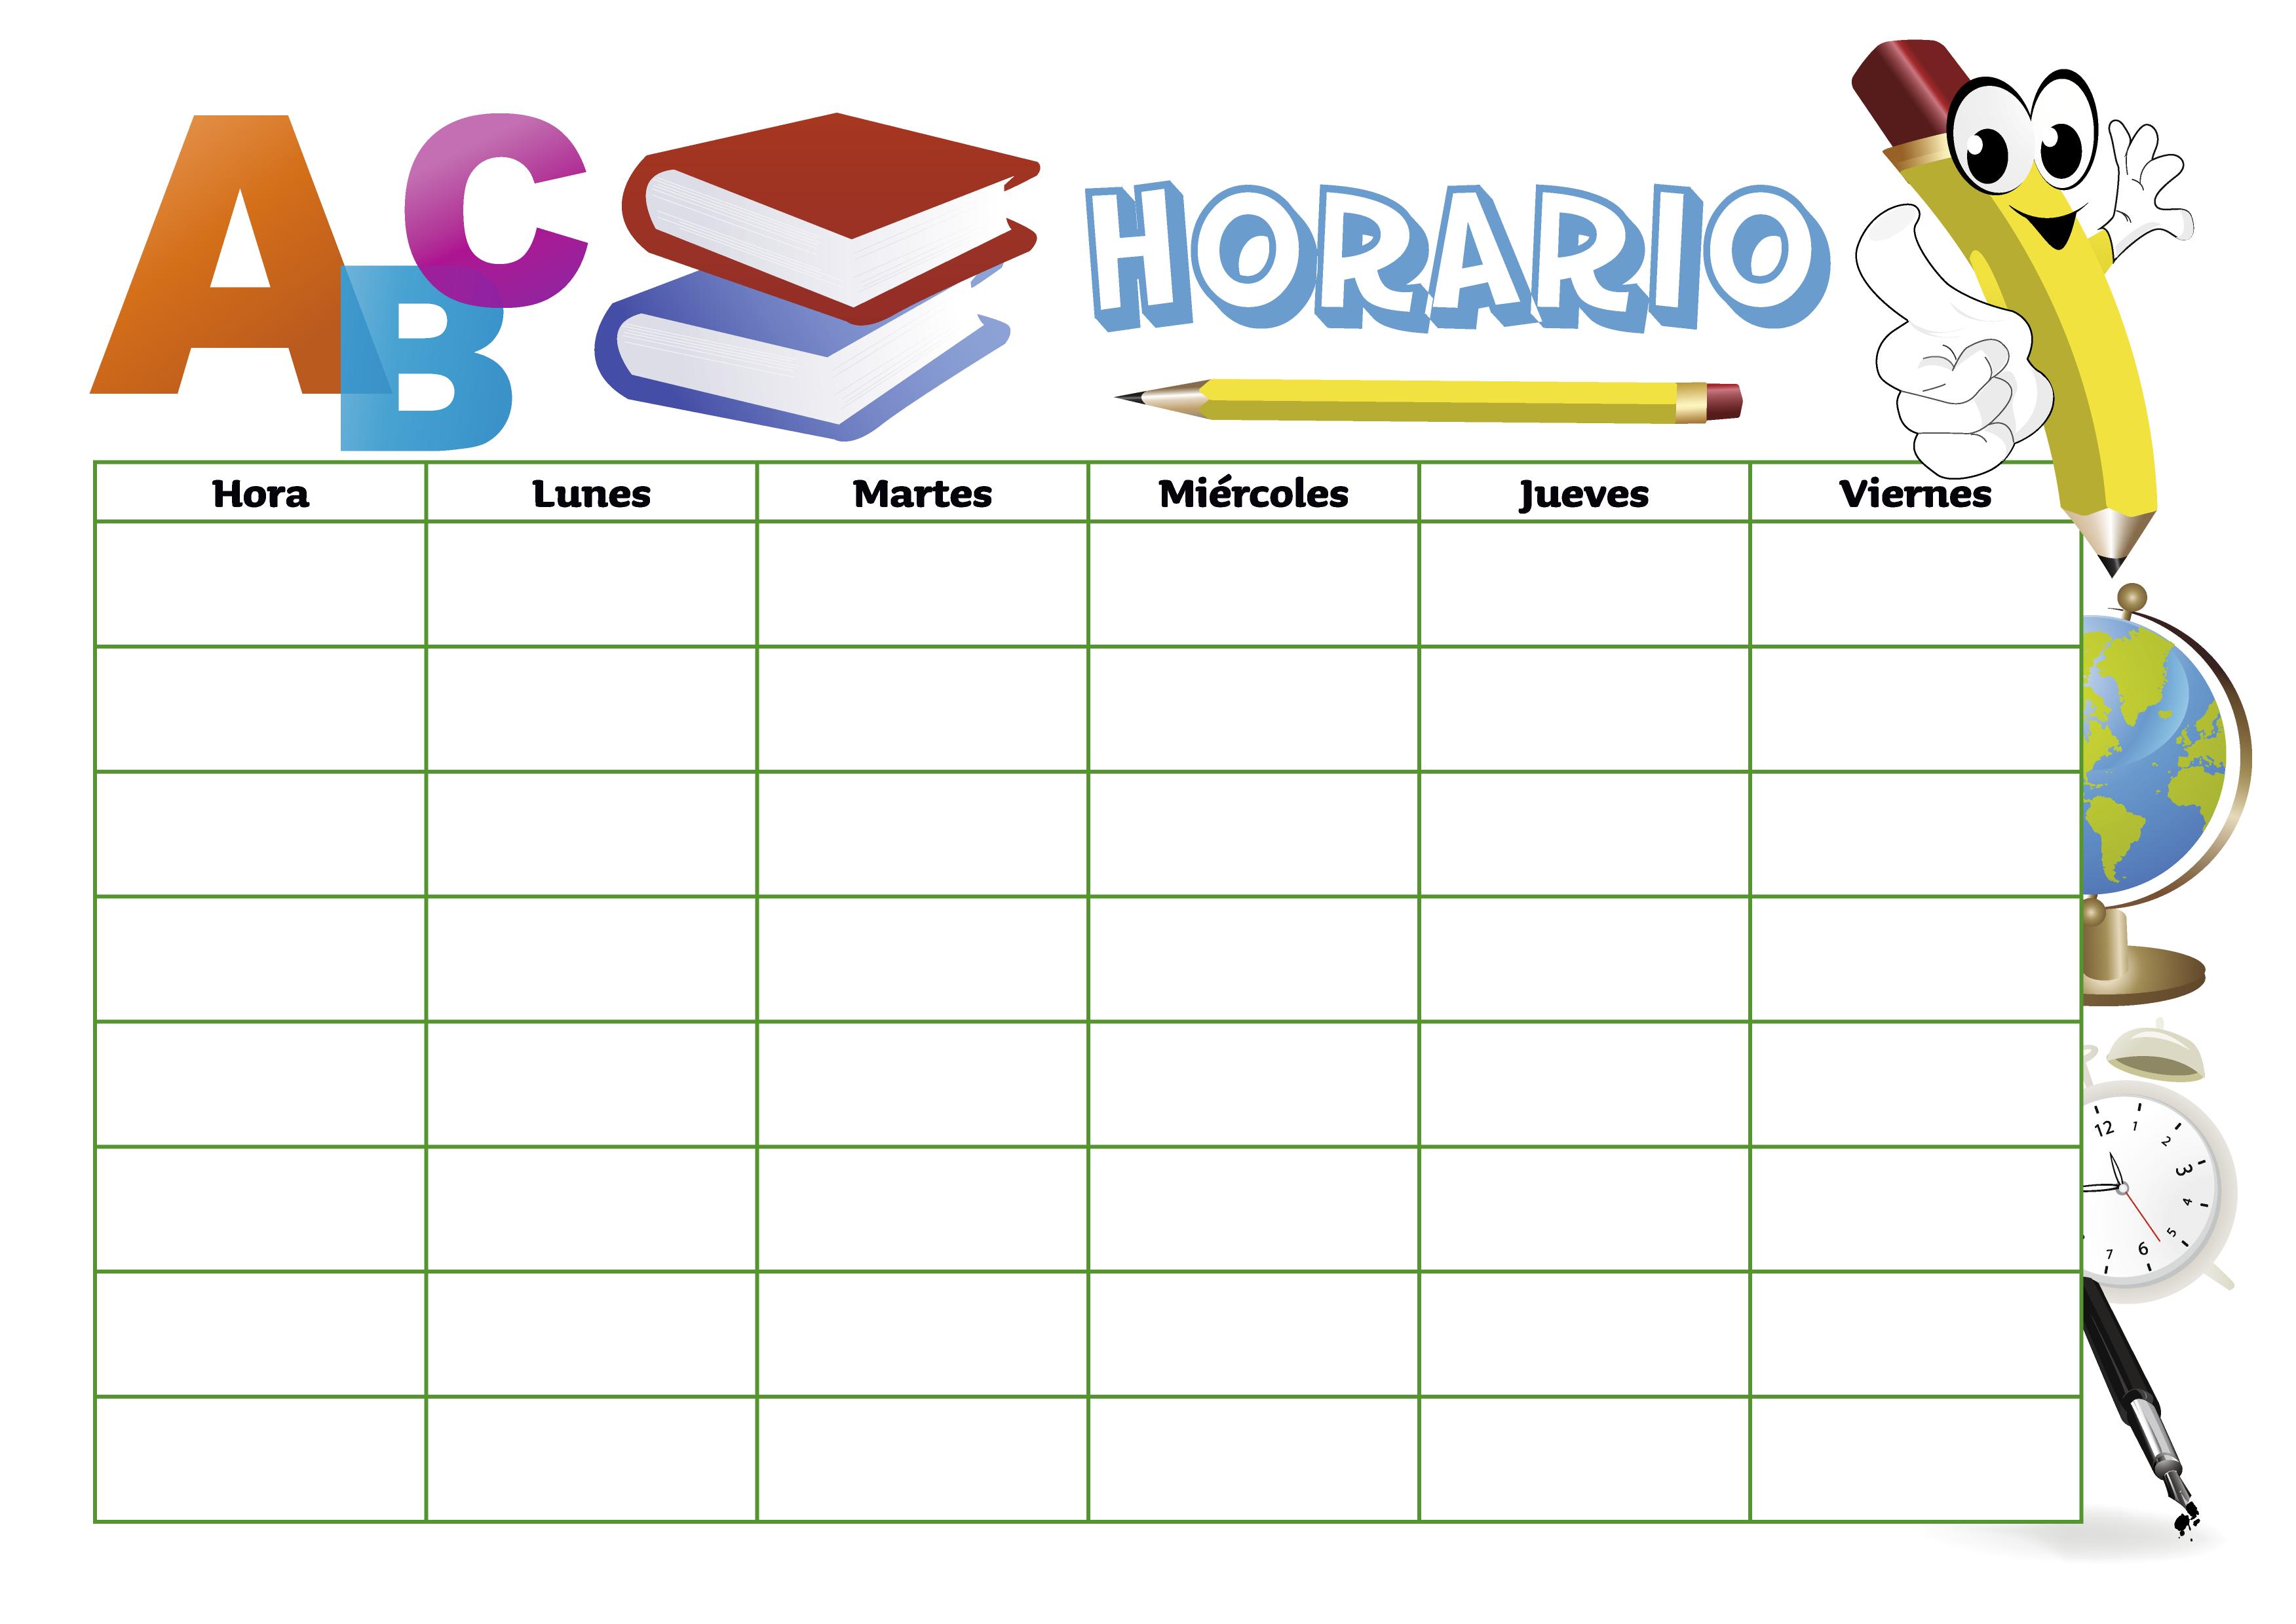 Horario para estudiantes 2 | Educación, escolar e infantil - vector ...